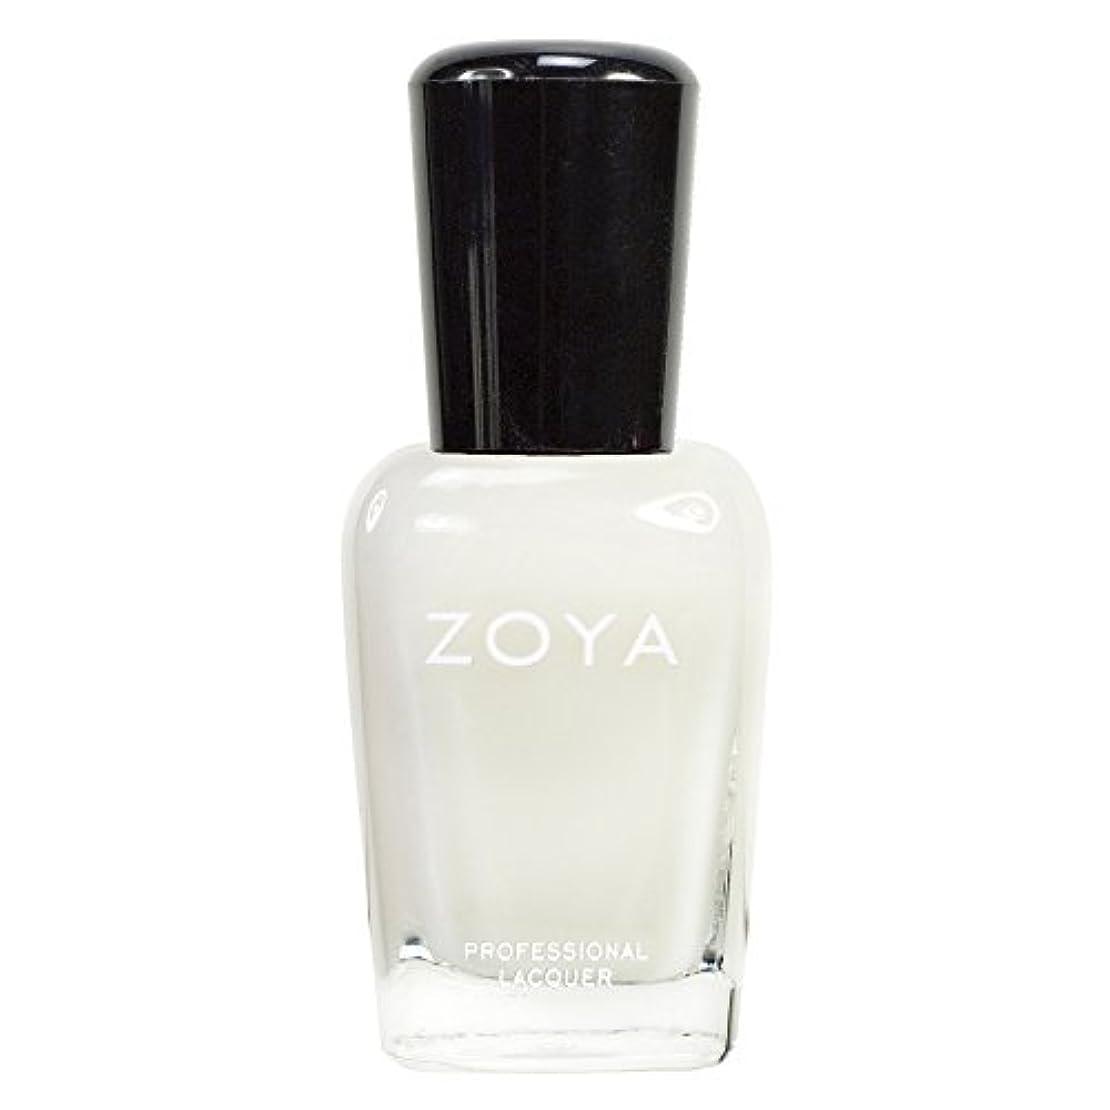 エネルギー取り付け再生的ZOYA ゾーヤ ネイルカラーZP330 LUCY ルーシィ 15ml 自然なオフホワイト シアー?マット 爪にやさしいネイルラッカーマニキュア